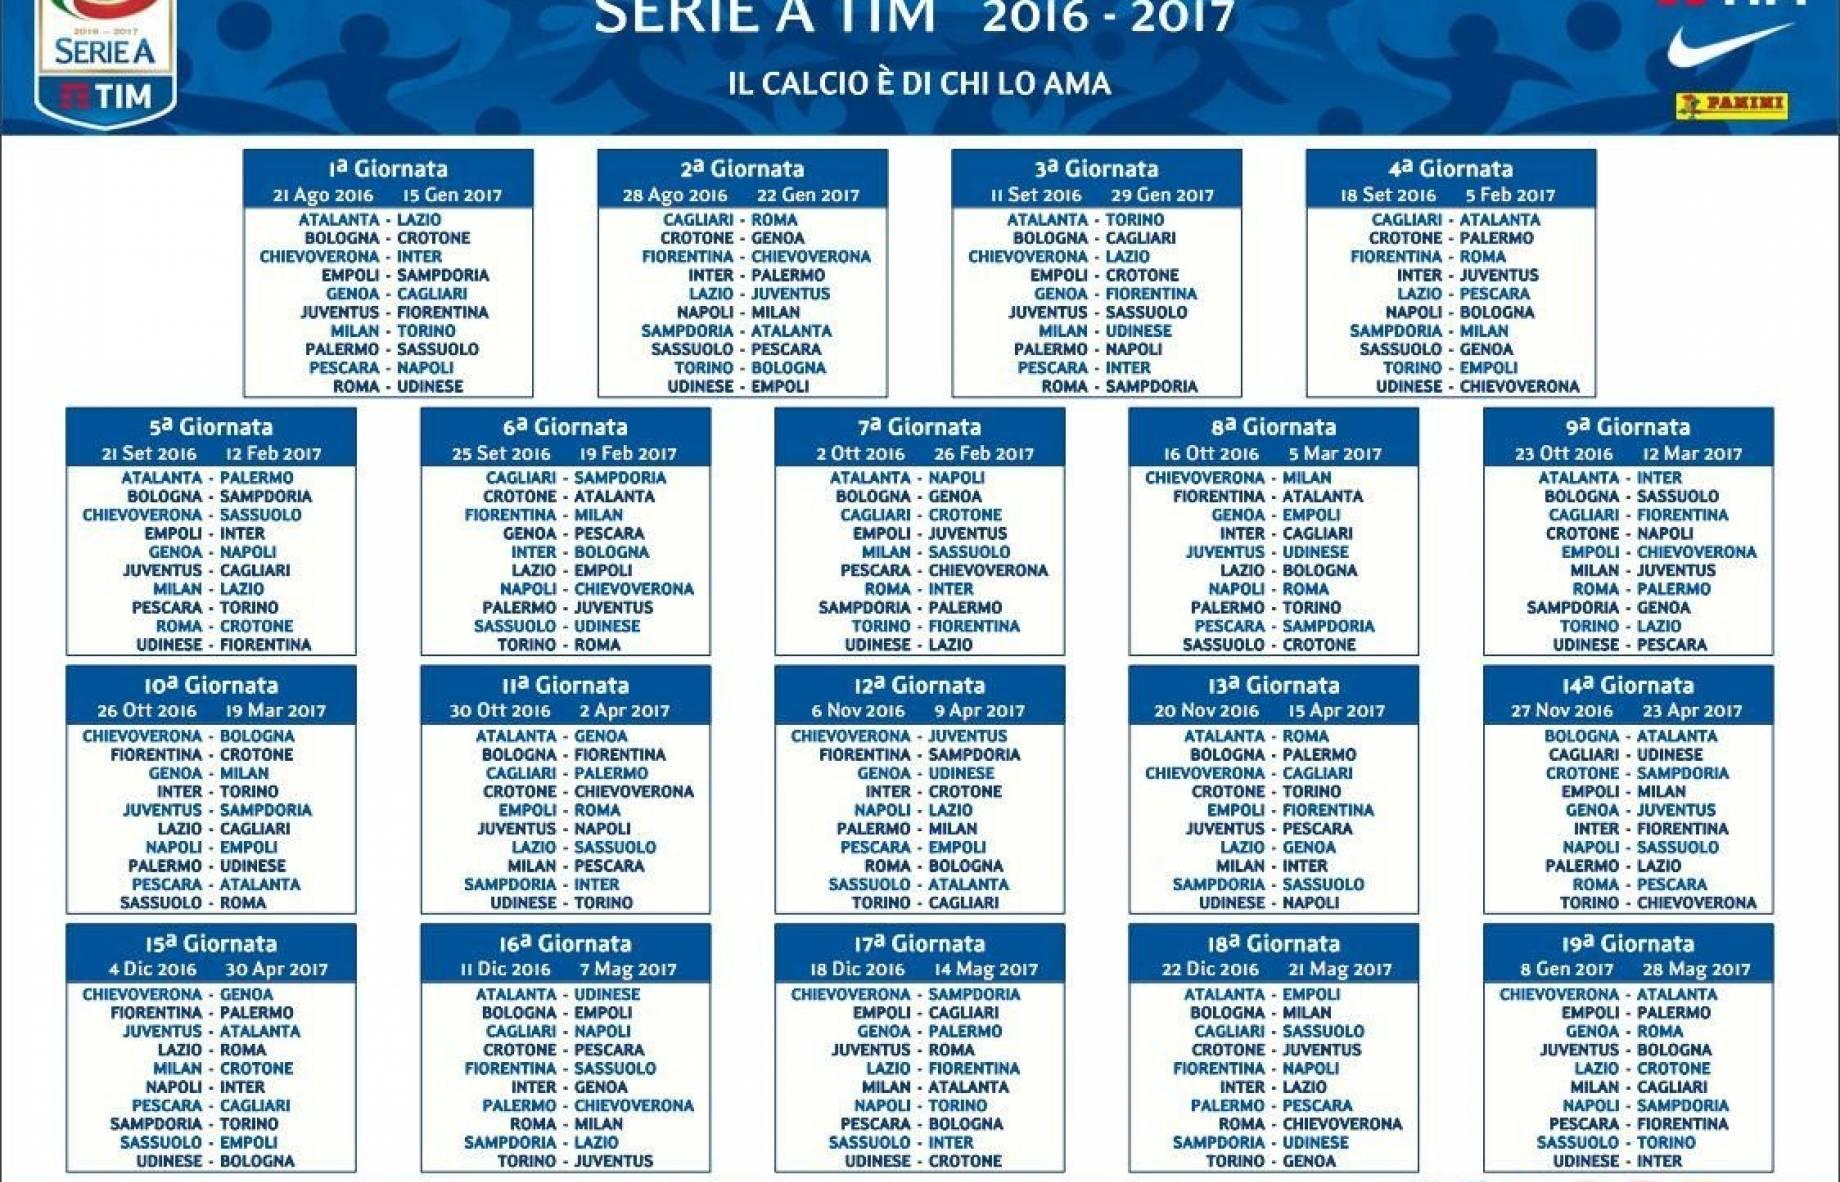 Calendario Anticipi E Posticipi Serie A.Serie A Il Calendario Degli Anticipi E Dei Posticipi Fino A